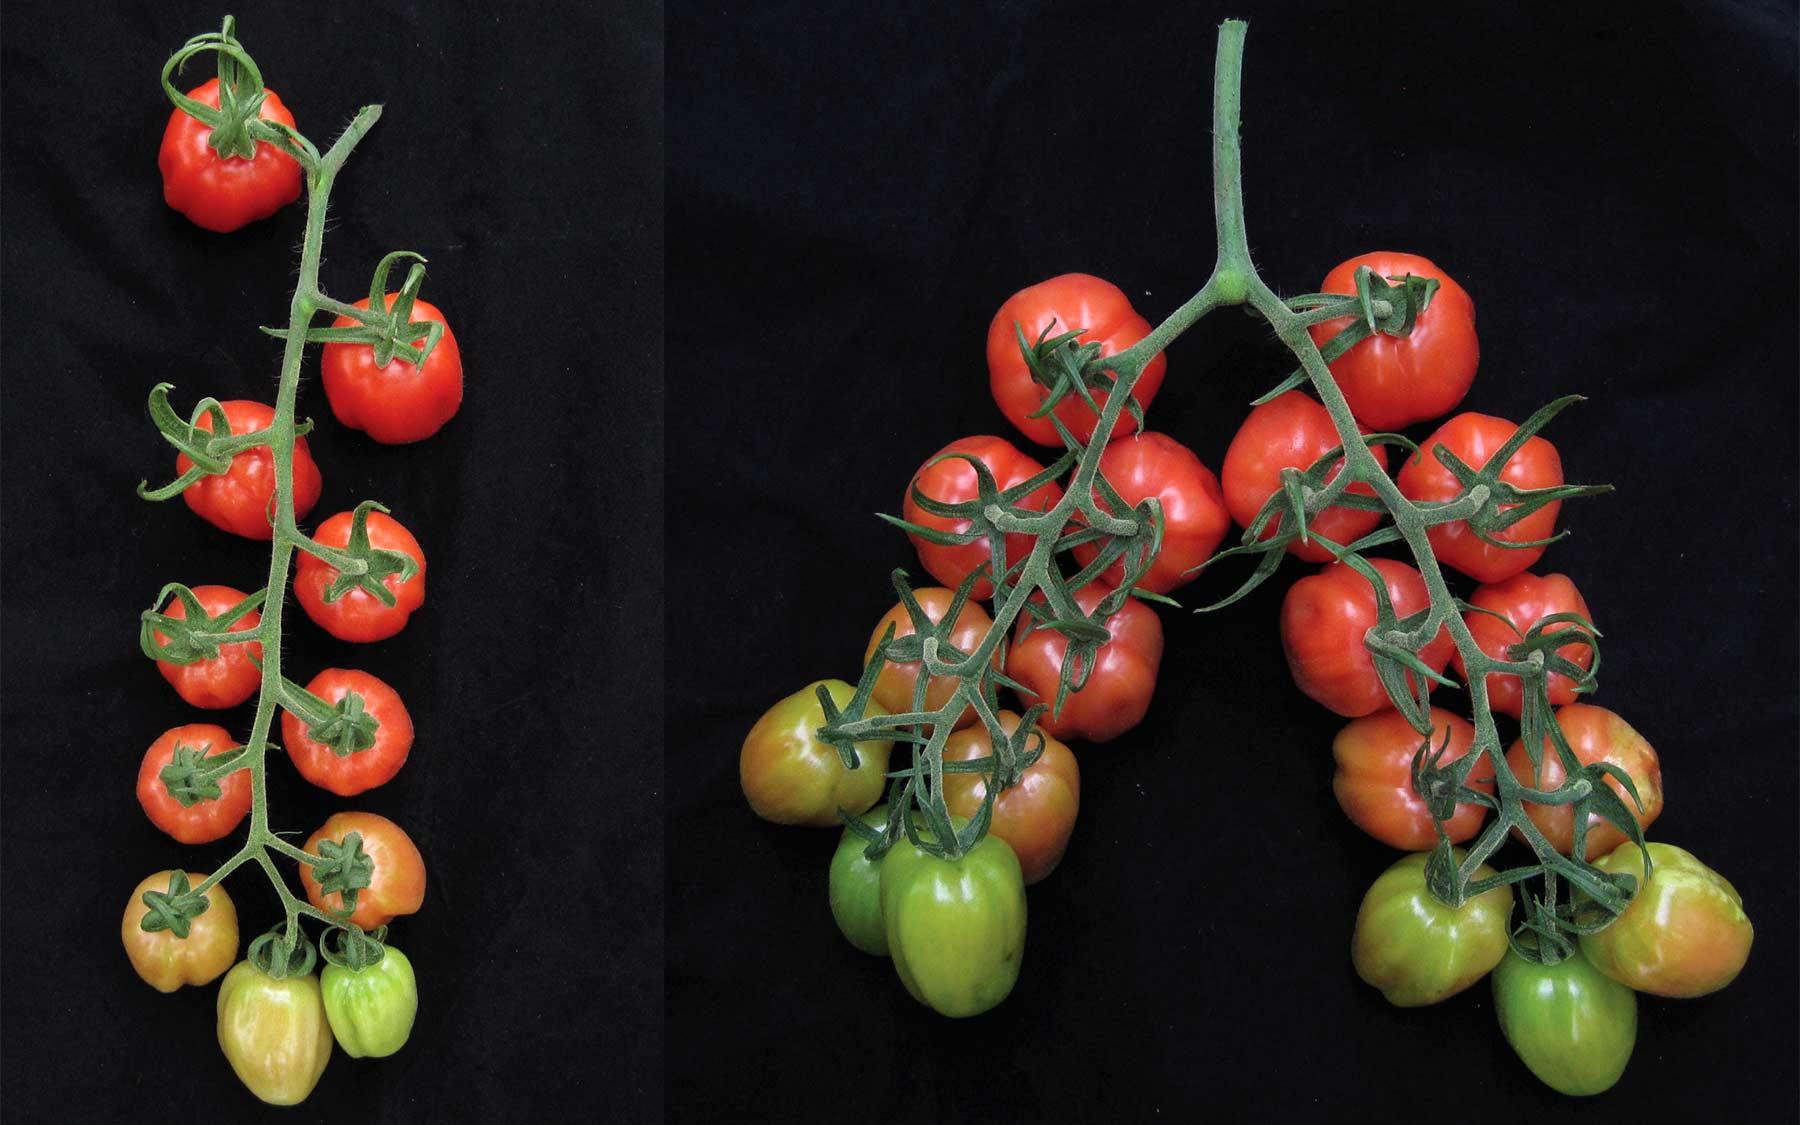 tomato comparison